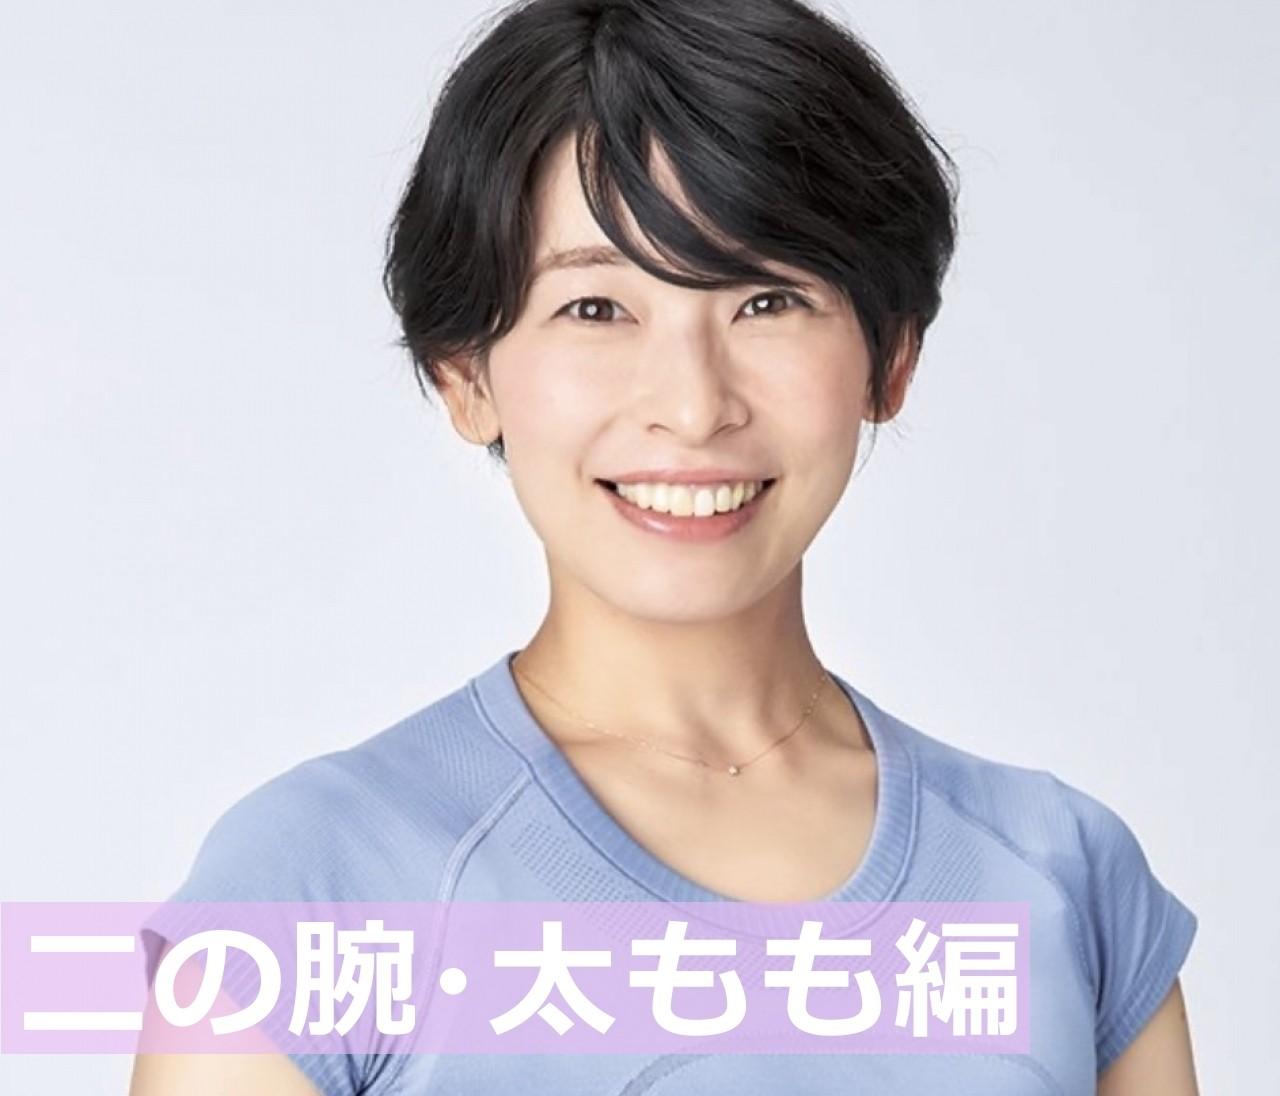 美ボディを作る<おうちマッサージ>を星野由香さんが伝授!【二の腕・太もも編】